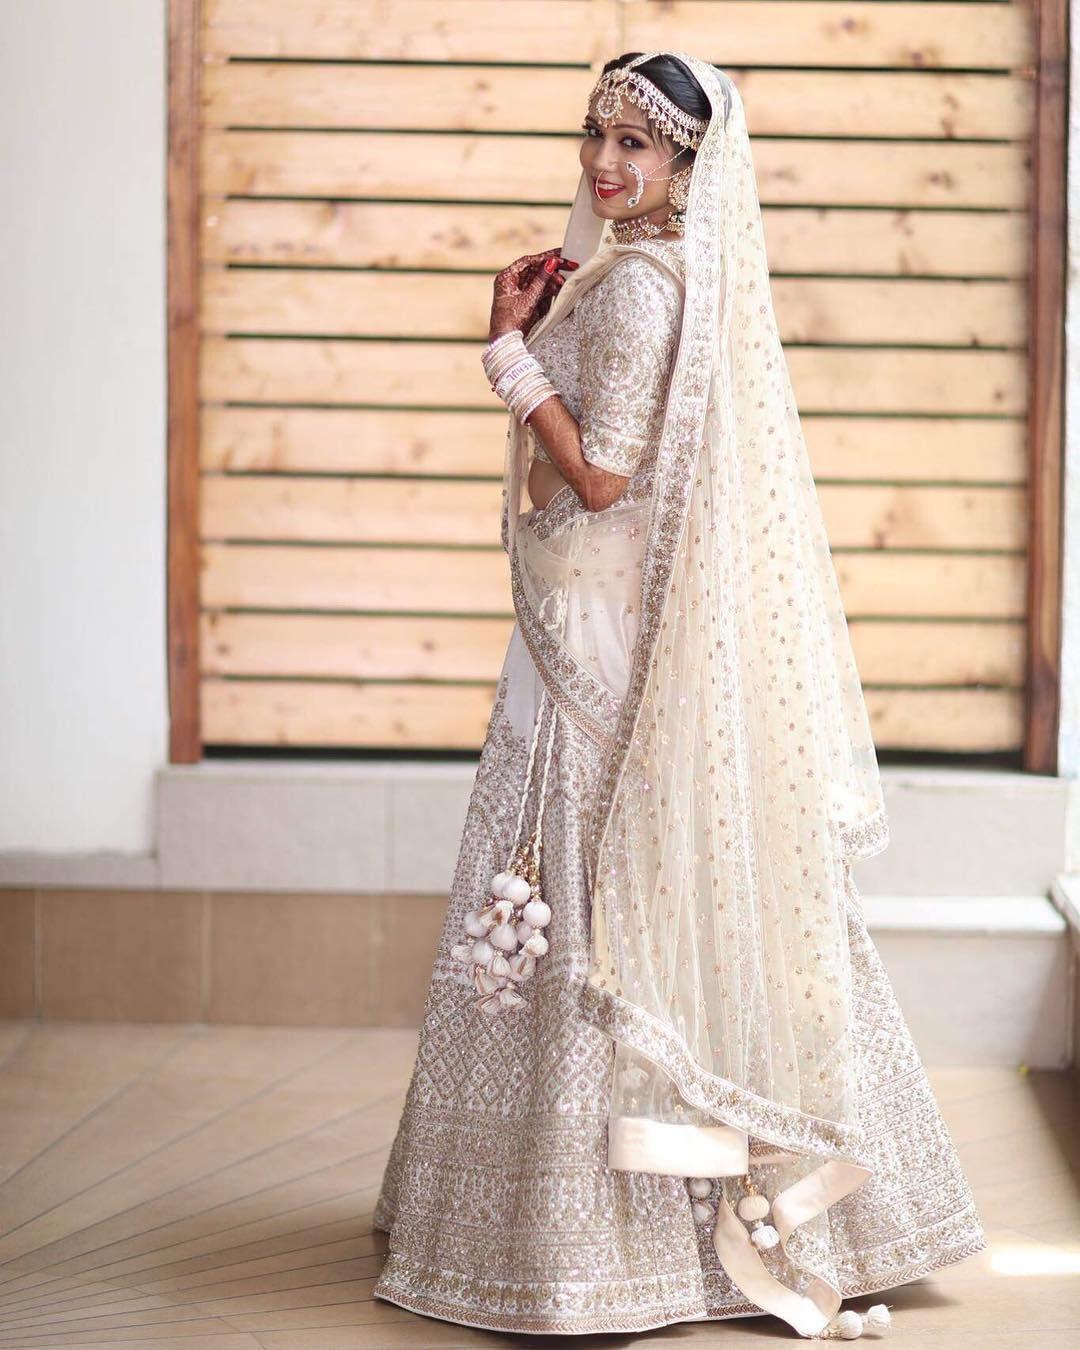 White Wedding Indian Dress: Pin By Tanvi Gandhi On Desi Dulhaniya In 2019